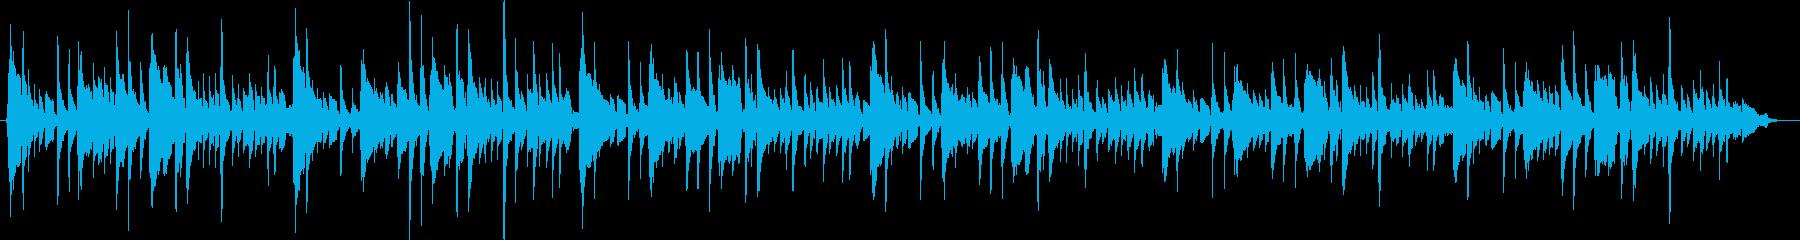 結婚式 メヌエット ト長調 アコギ独奏の再生済みの波形